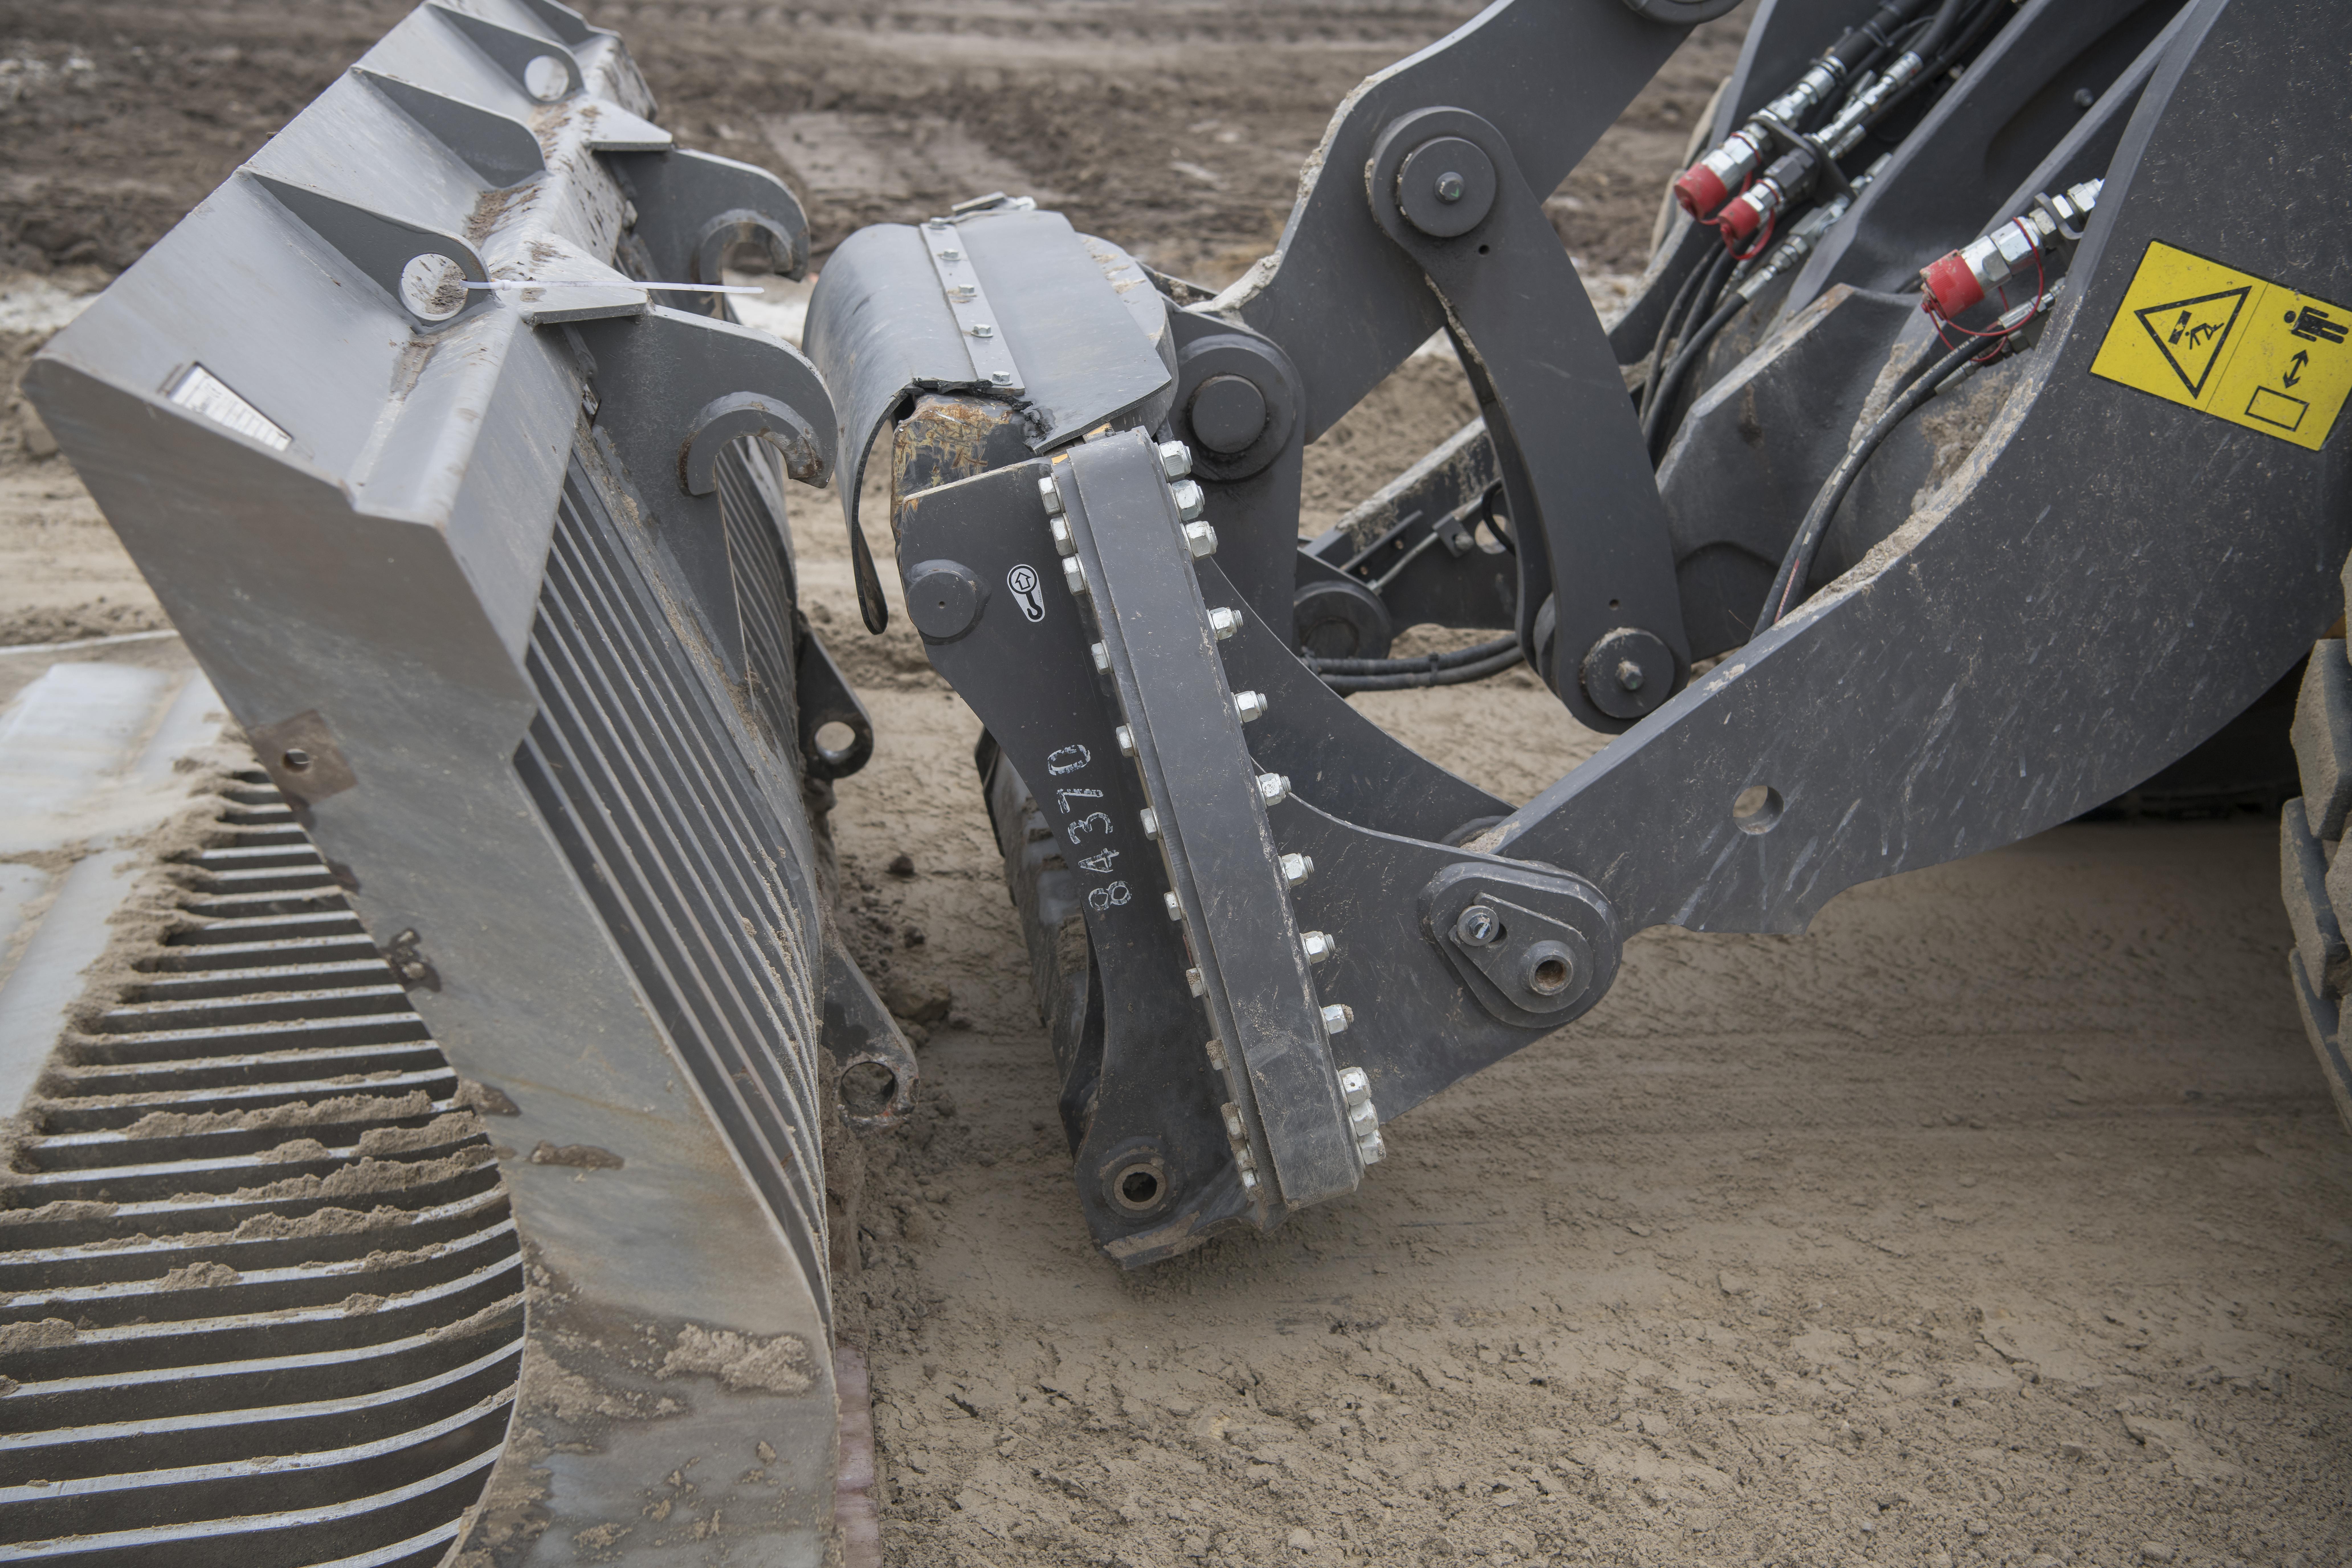 <p>De snelwissel maakt de machine uiterst flexibel qua inzet.</p>